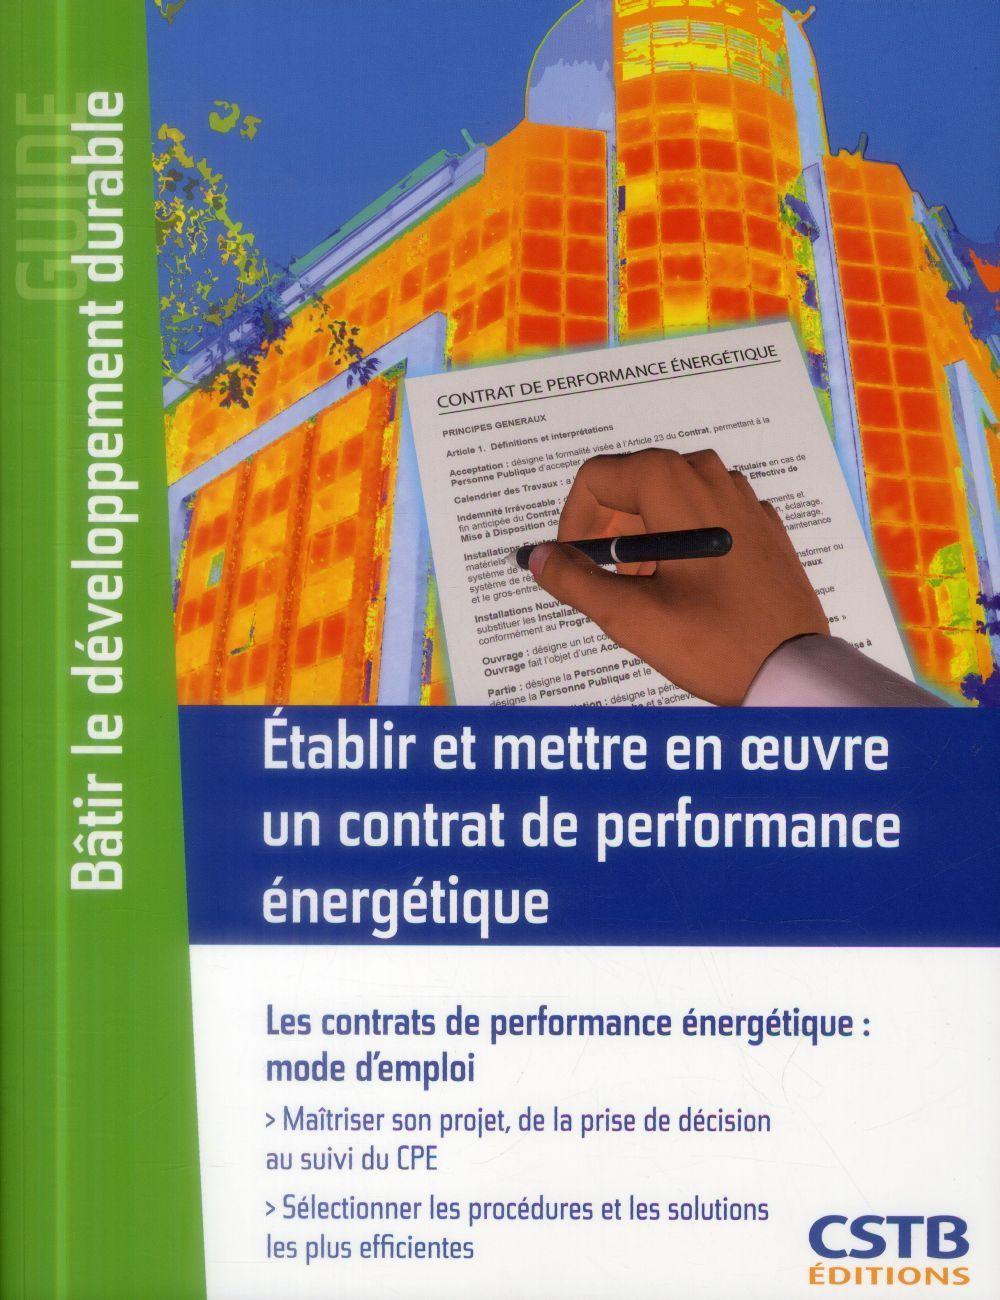 établir et mettre en oeuvre un contrat de performance énergétique